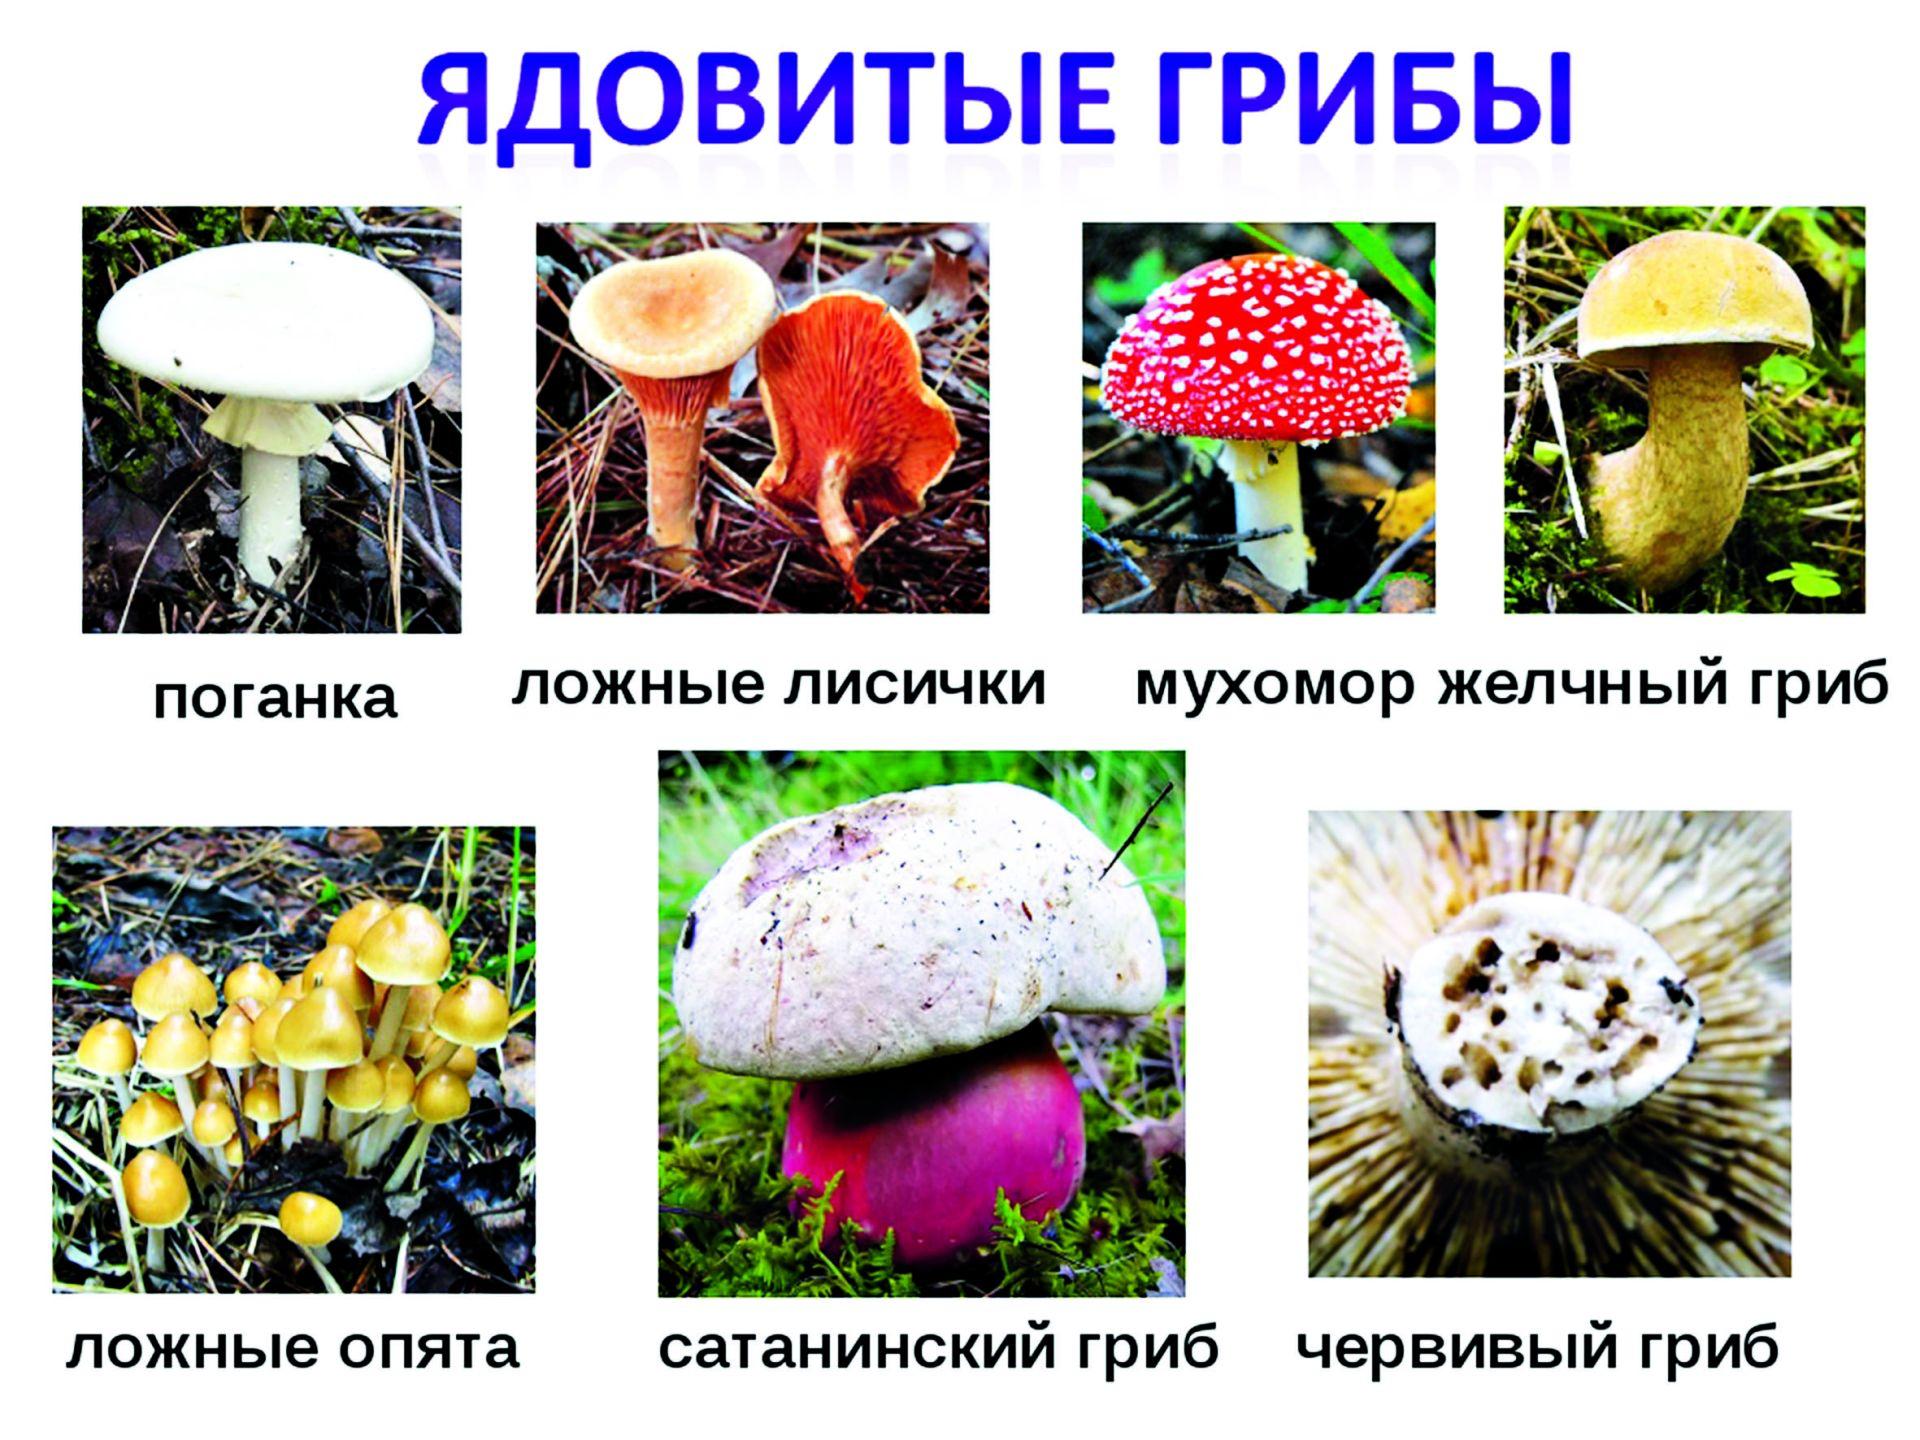 верьте, перечень съедобных грибов в картинках каждый раз